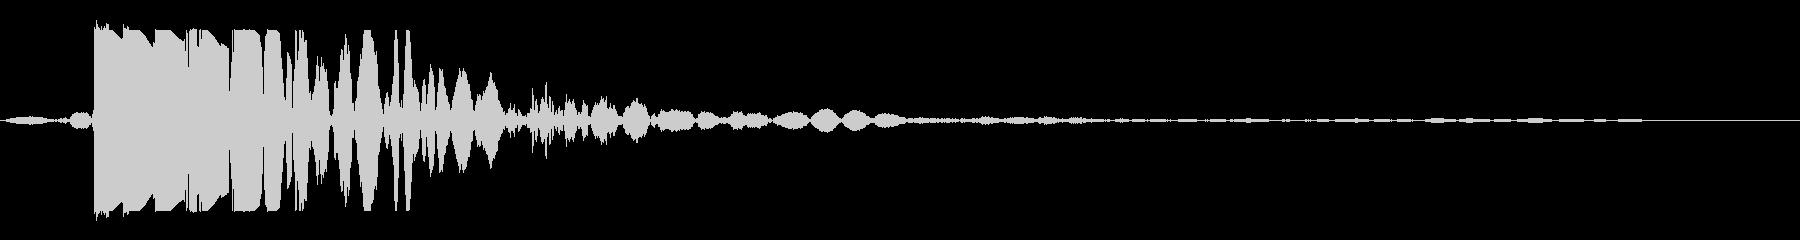 ローエンドパンチ;低ガタガタと軽度...の未再生の波形